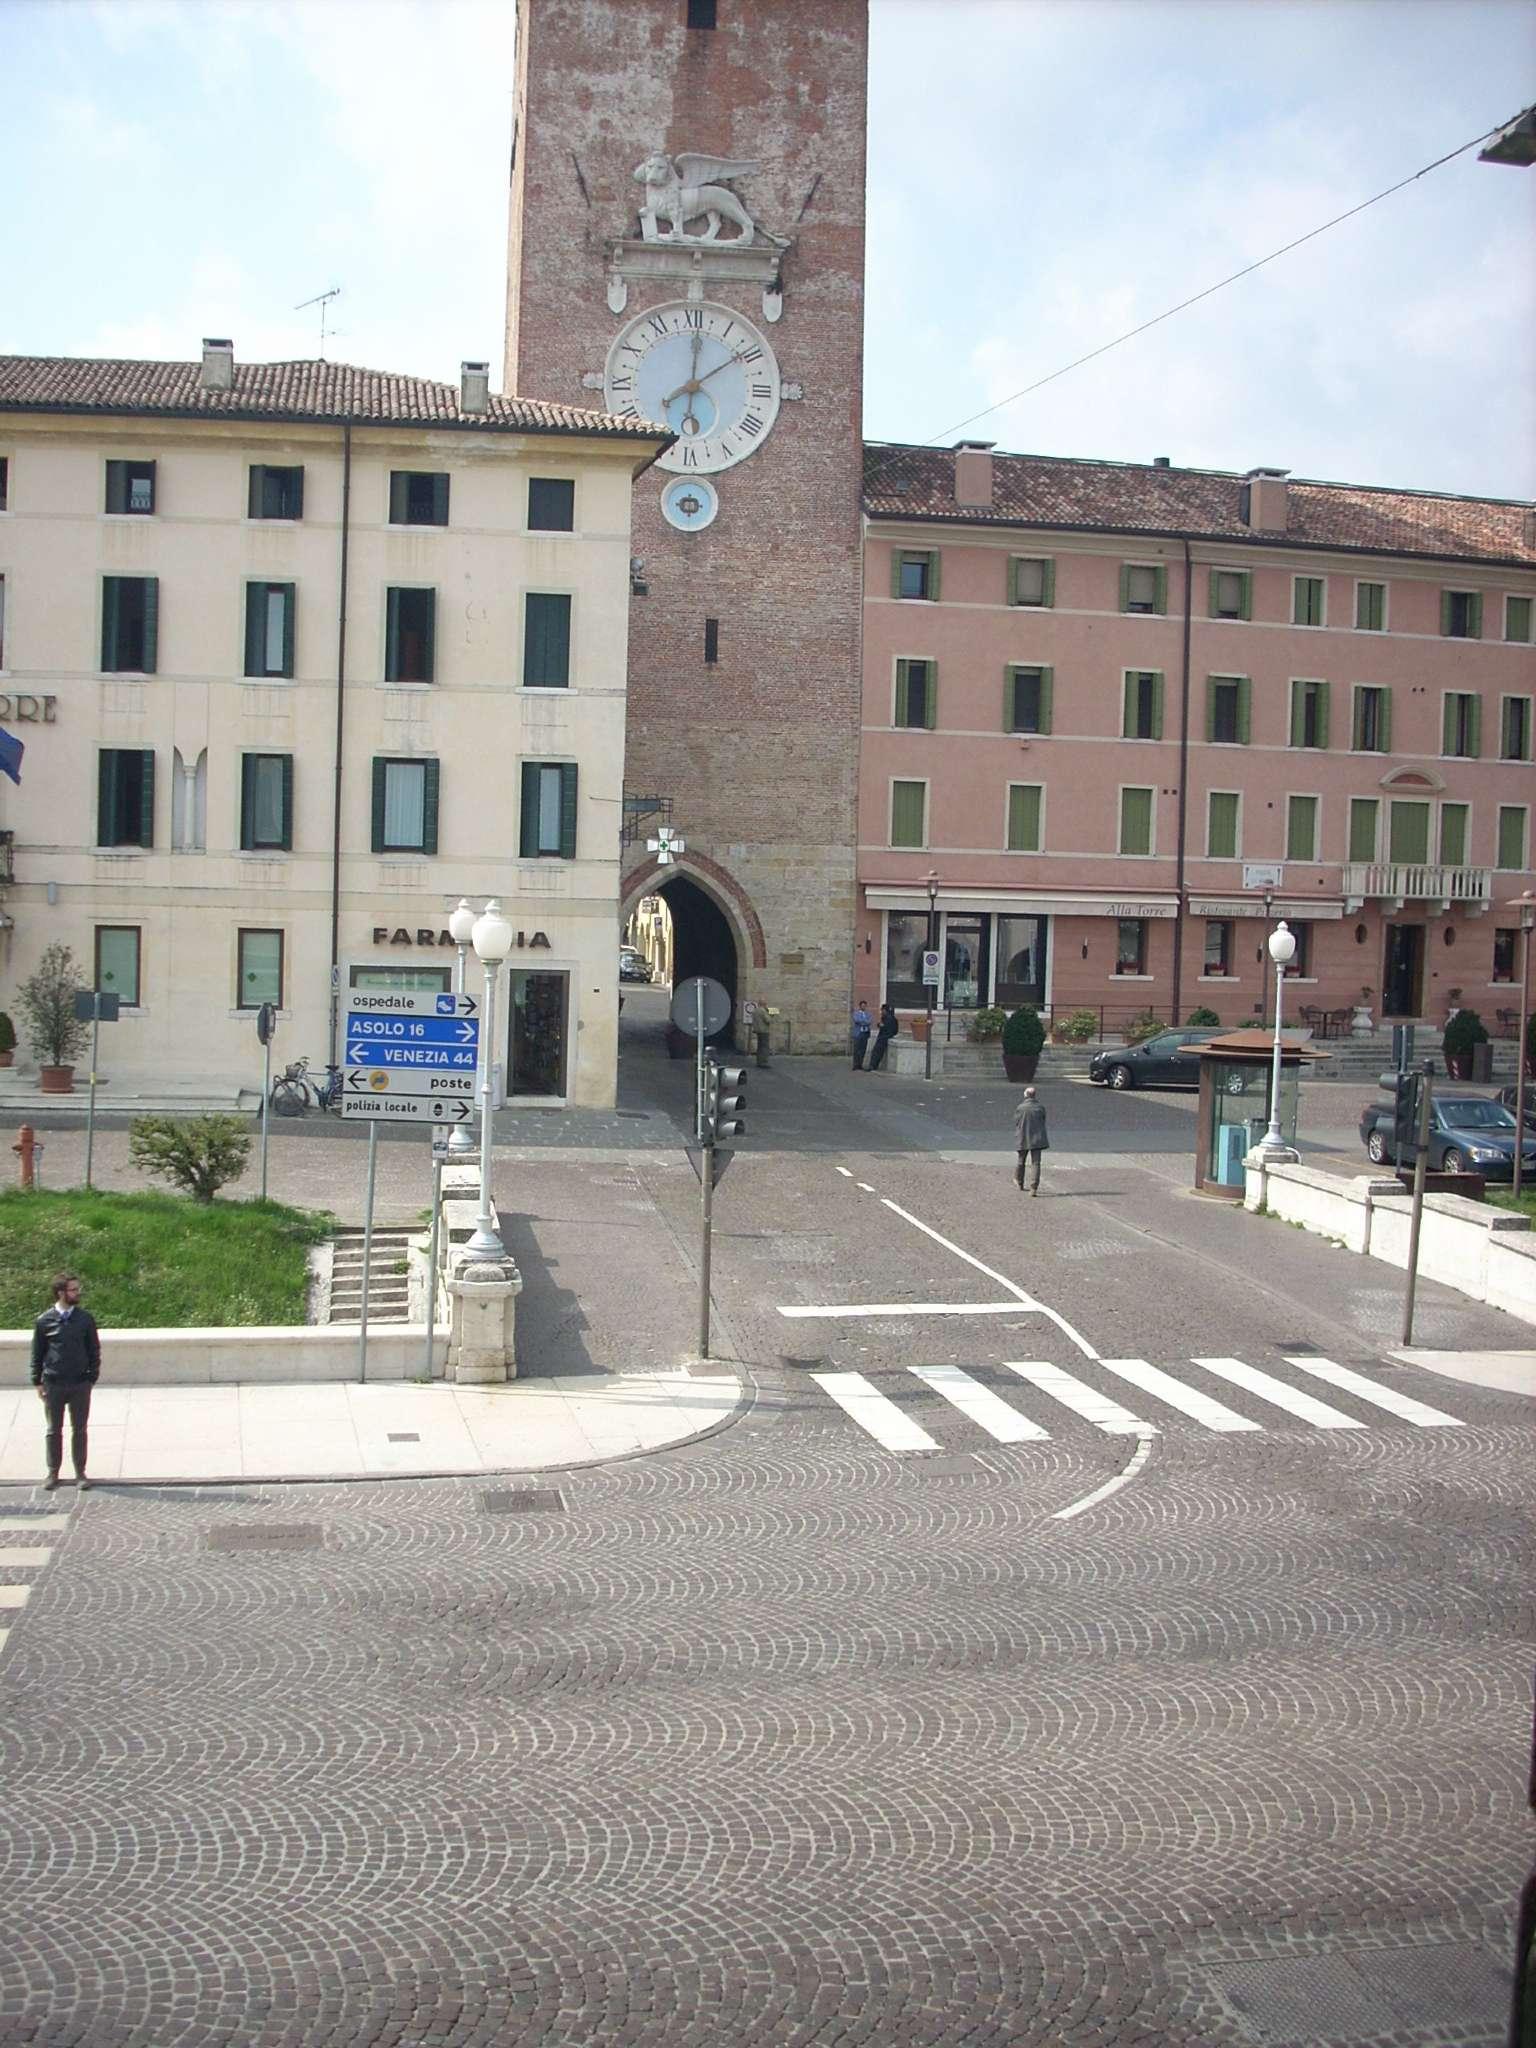 Ufficio / Studio in affitto a Castelfranco Veneto, 1 locali, prezzo € 500   CambioCasa.it